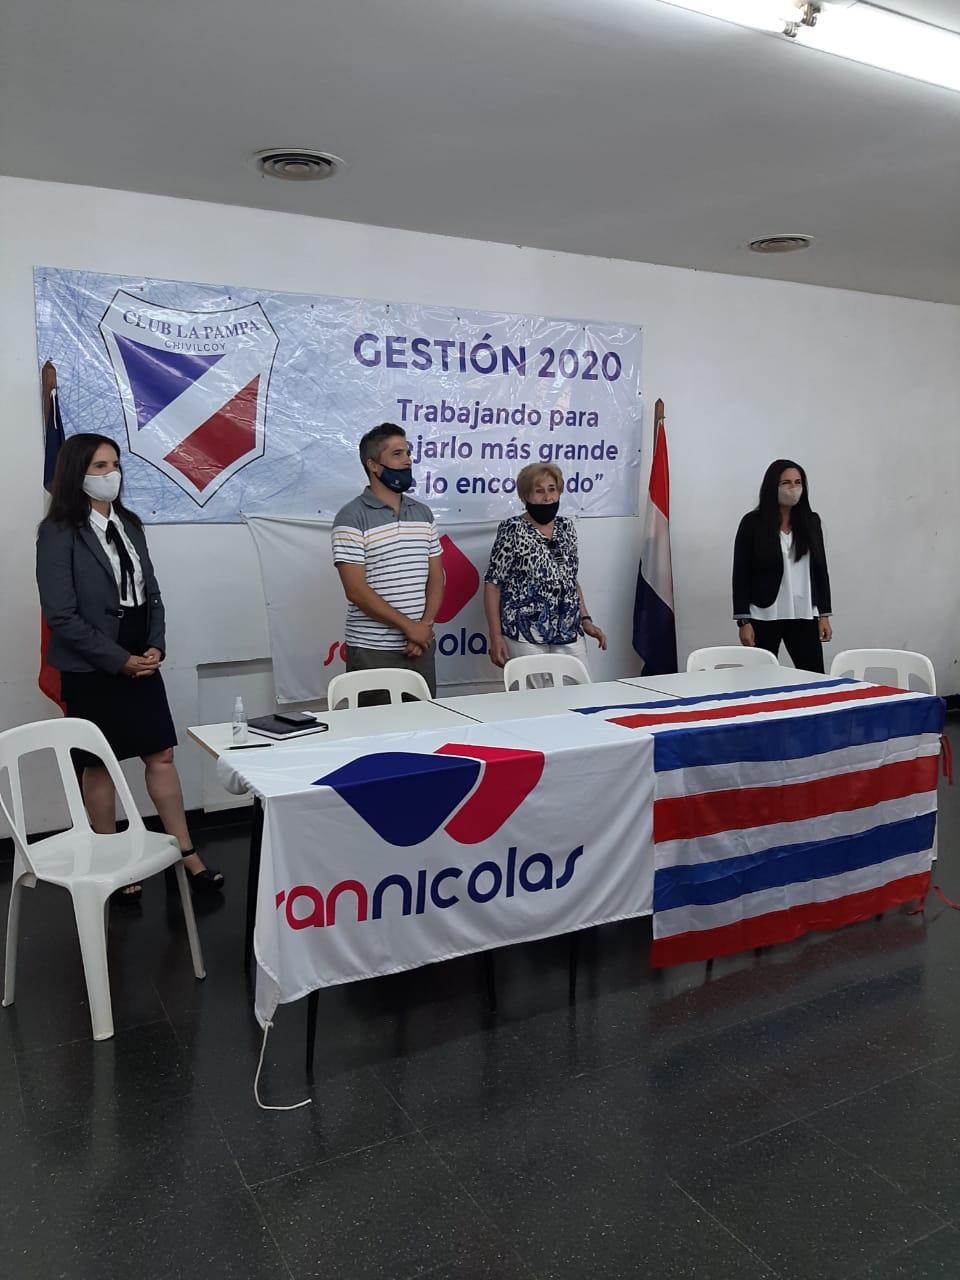 Importante acuerdo entre el club La Pampa y San Nicolás